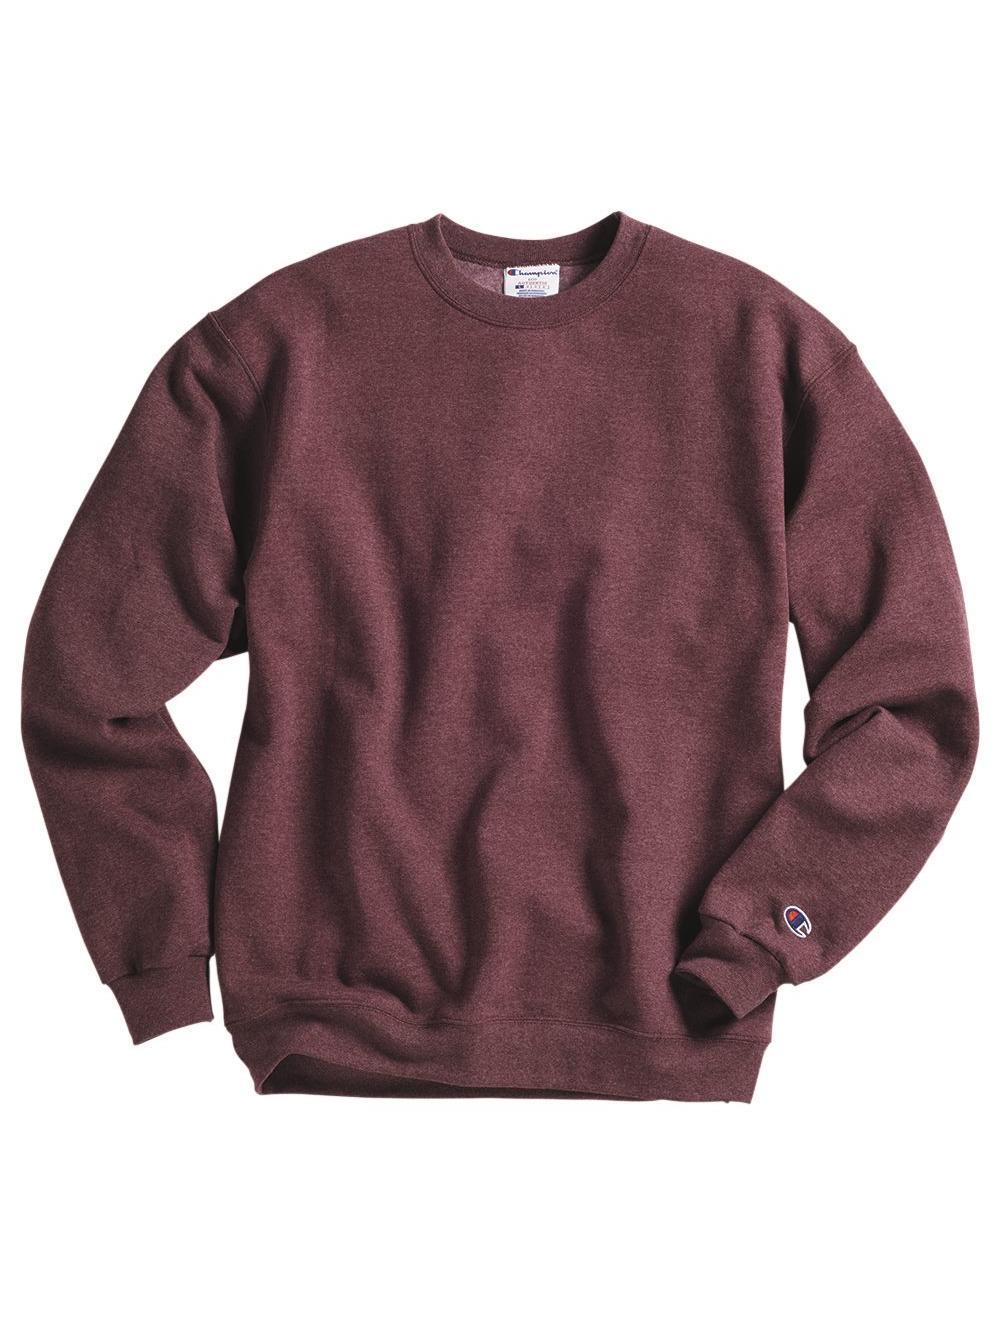 Champion Fleece Double Dry Eco Crewneck Sweatshirt